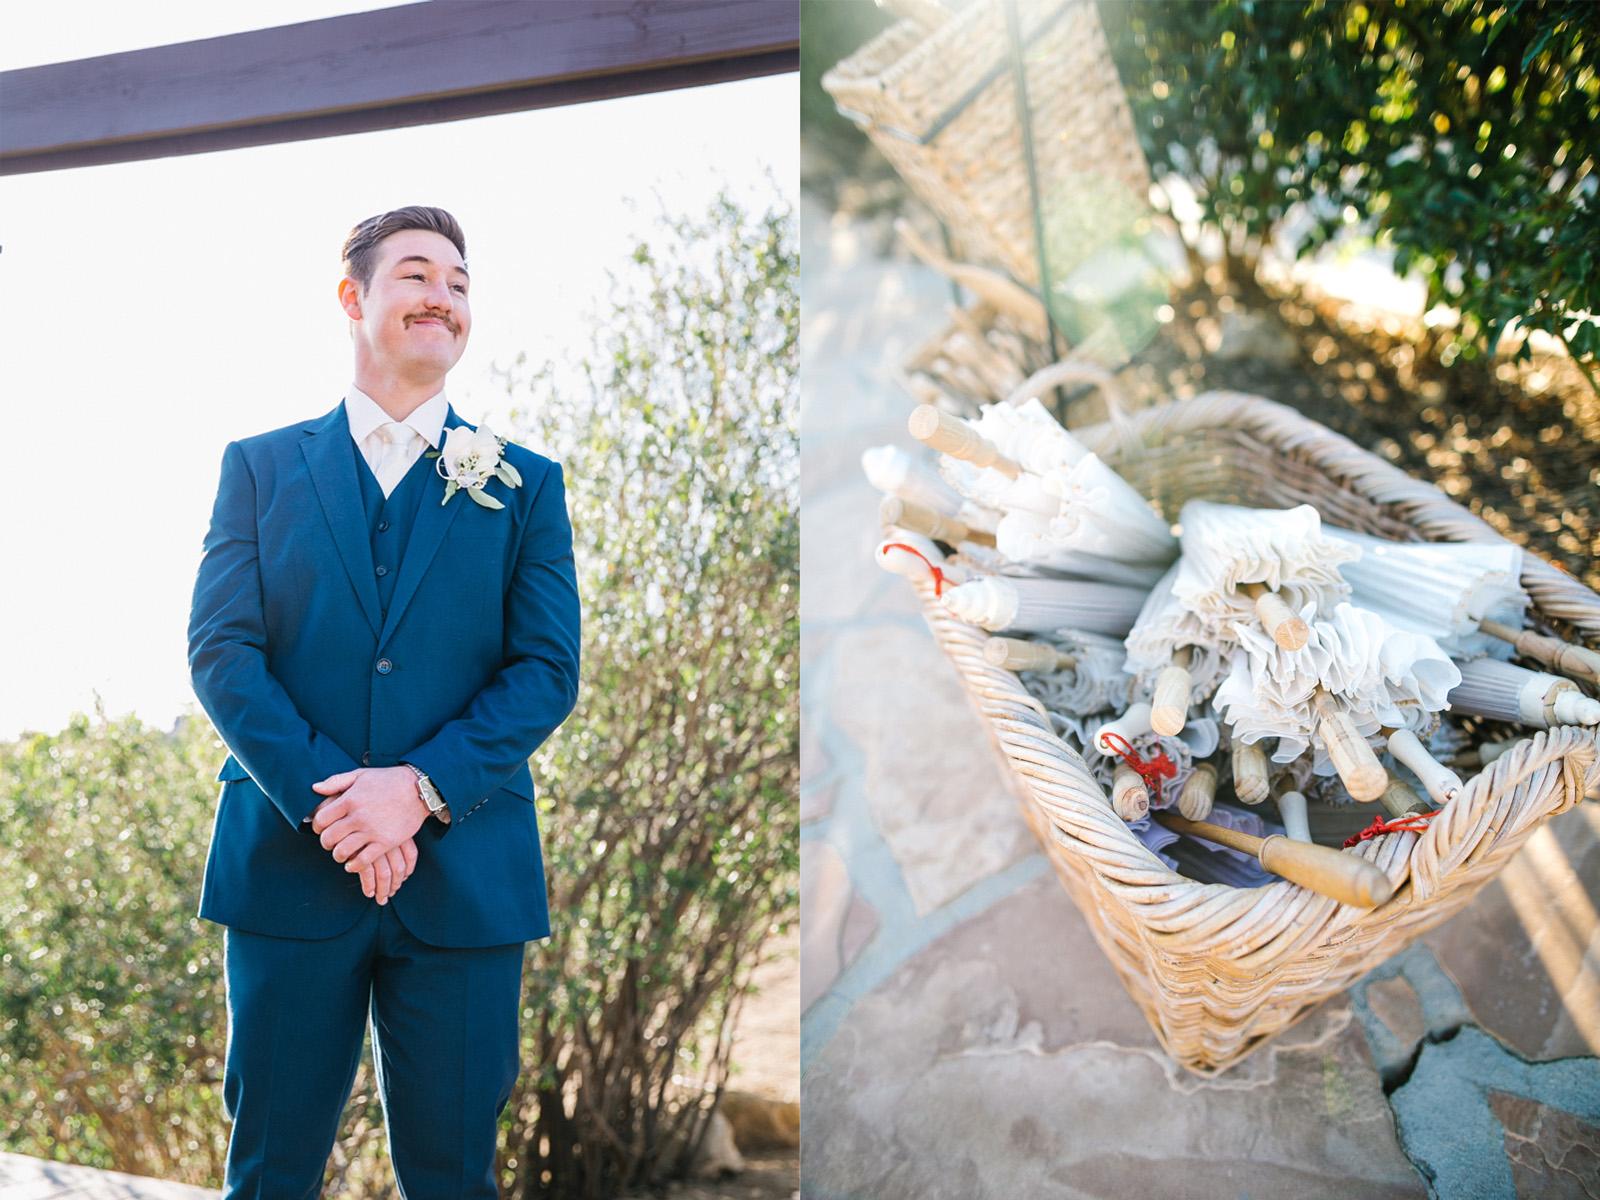 groom_sidebyside.jpg